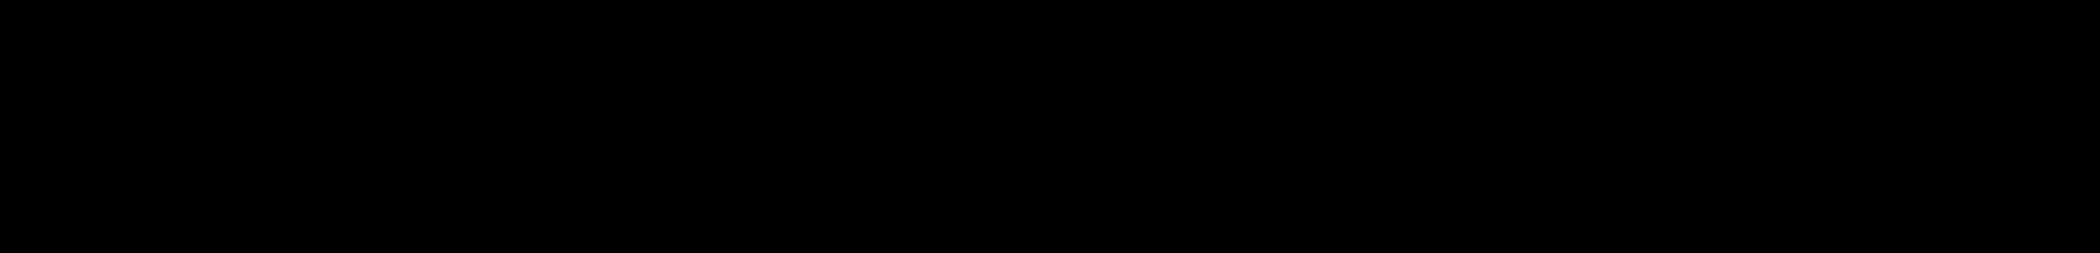 bose logo 2 - Bose Logo